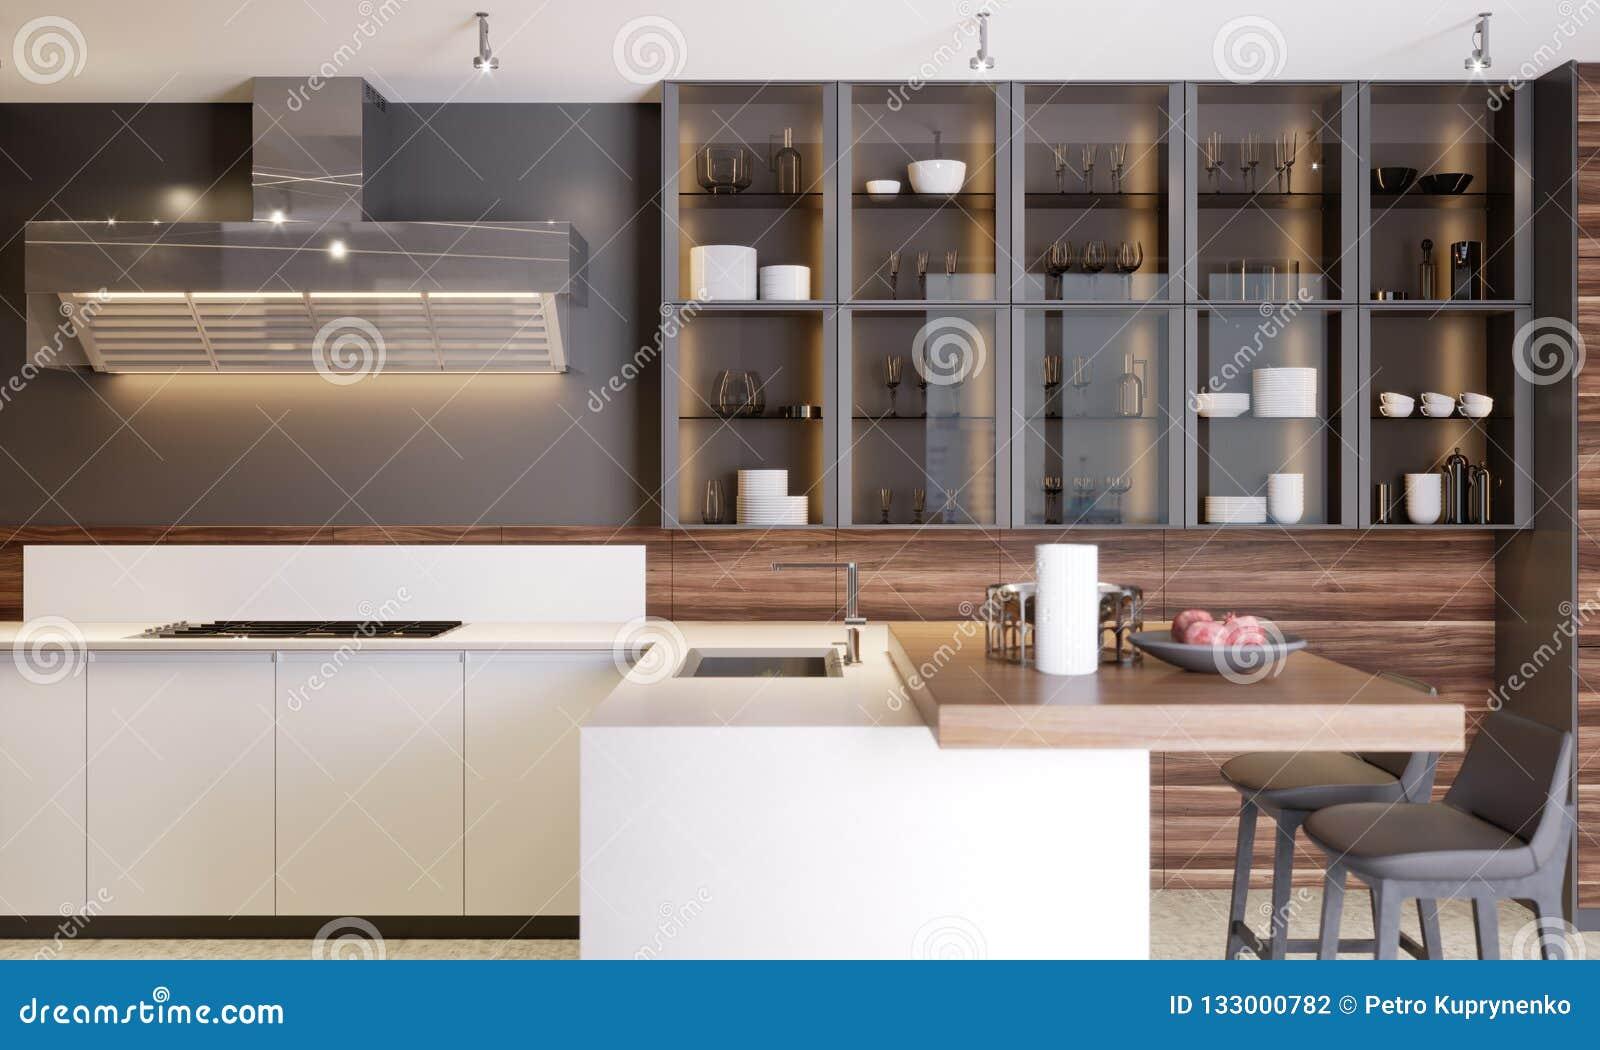 Modern Dark Wooden Contemporary Kitchen Interior With Glass